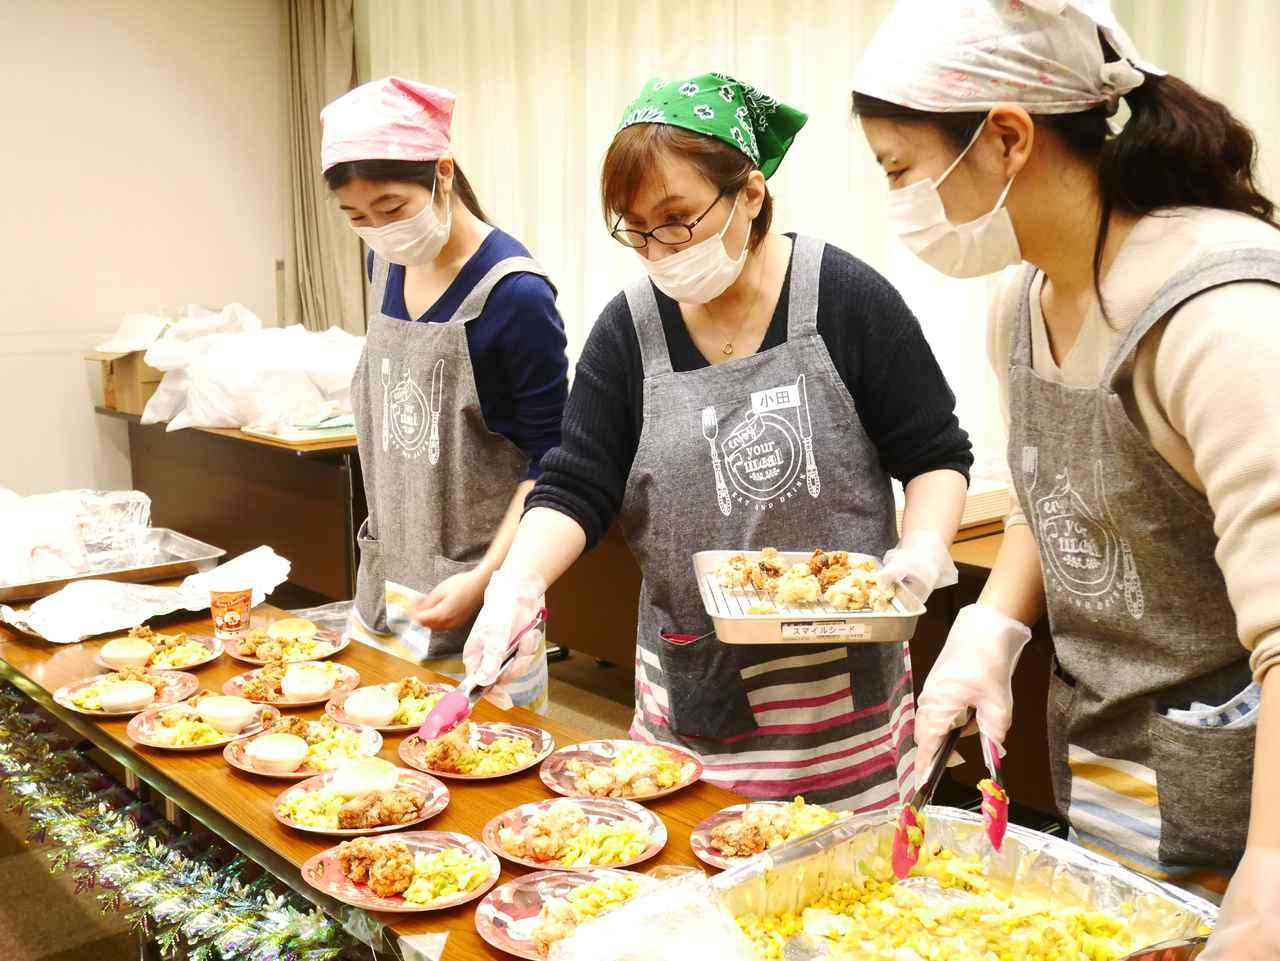 画像4: 滋賀県「食物アレルギー対応子ども食堂」にて、クリスマス会が開催されました